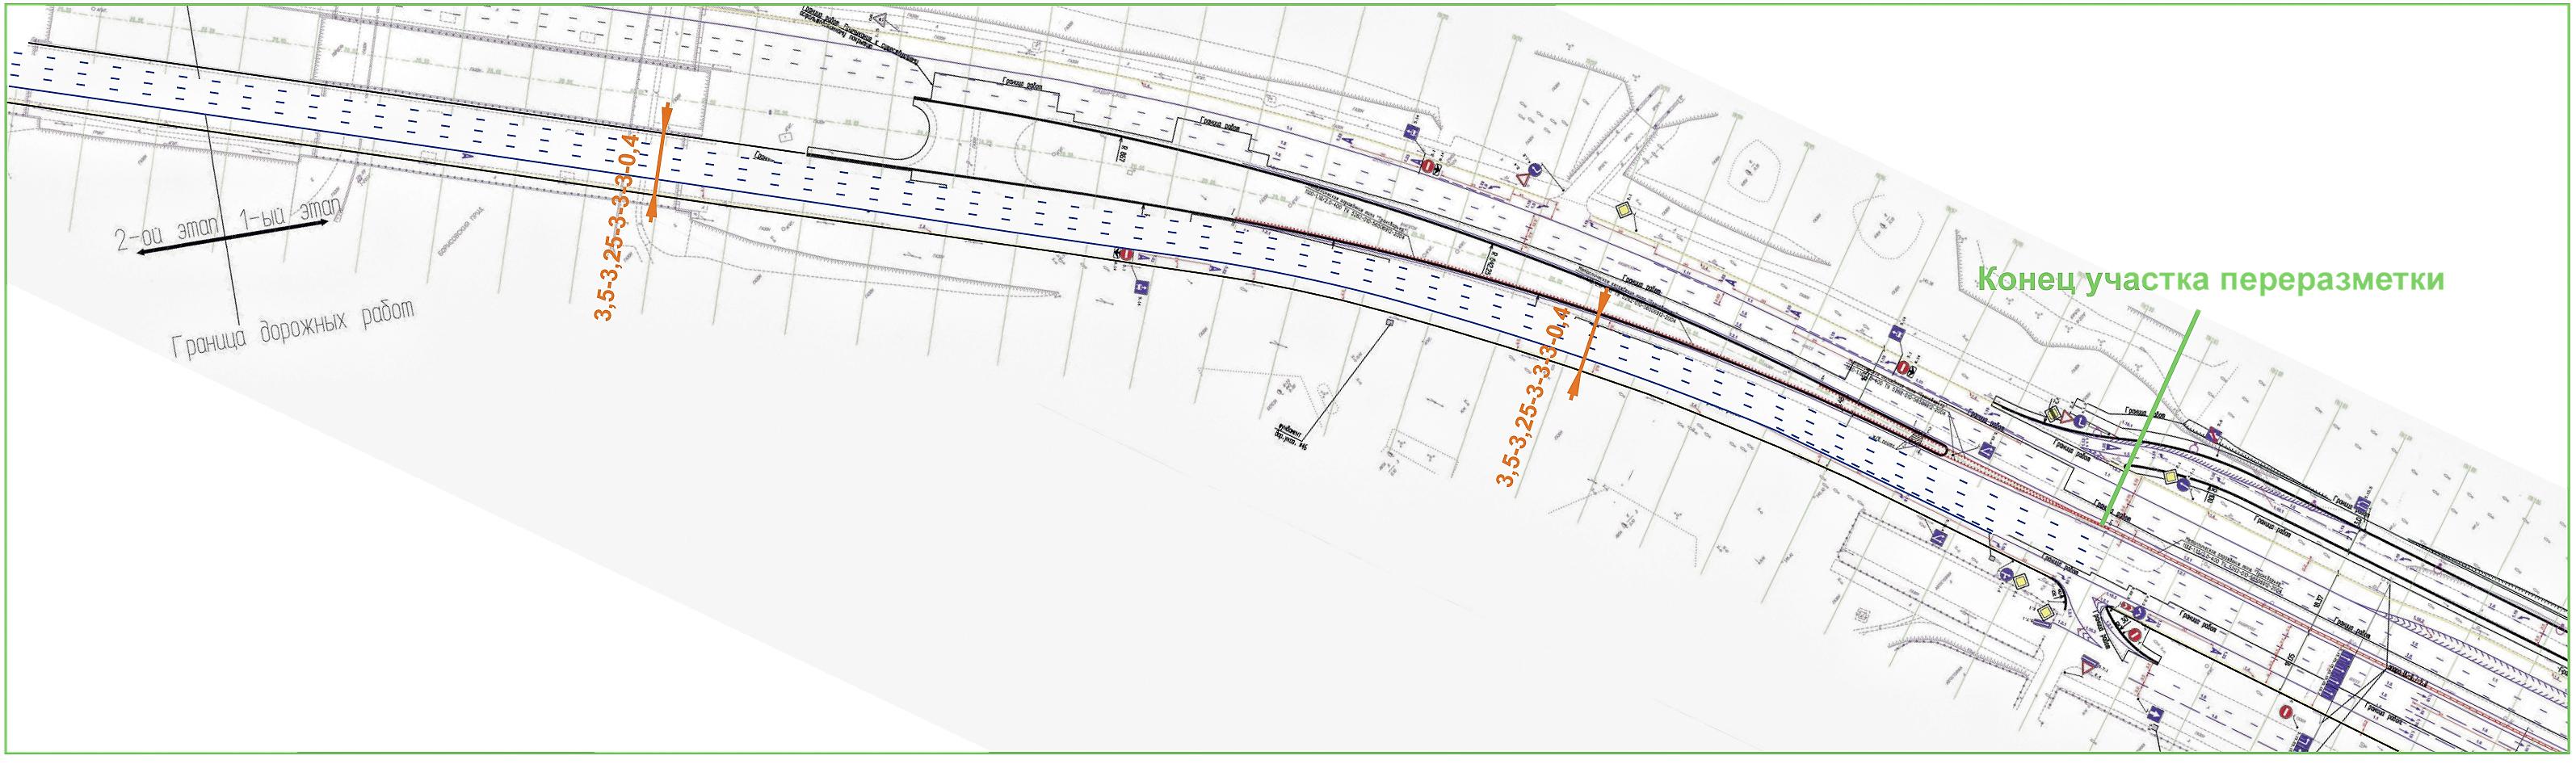 Южная рокада подробная схема 2016 борисовские пруды фото 93